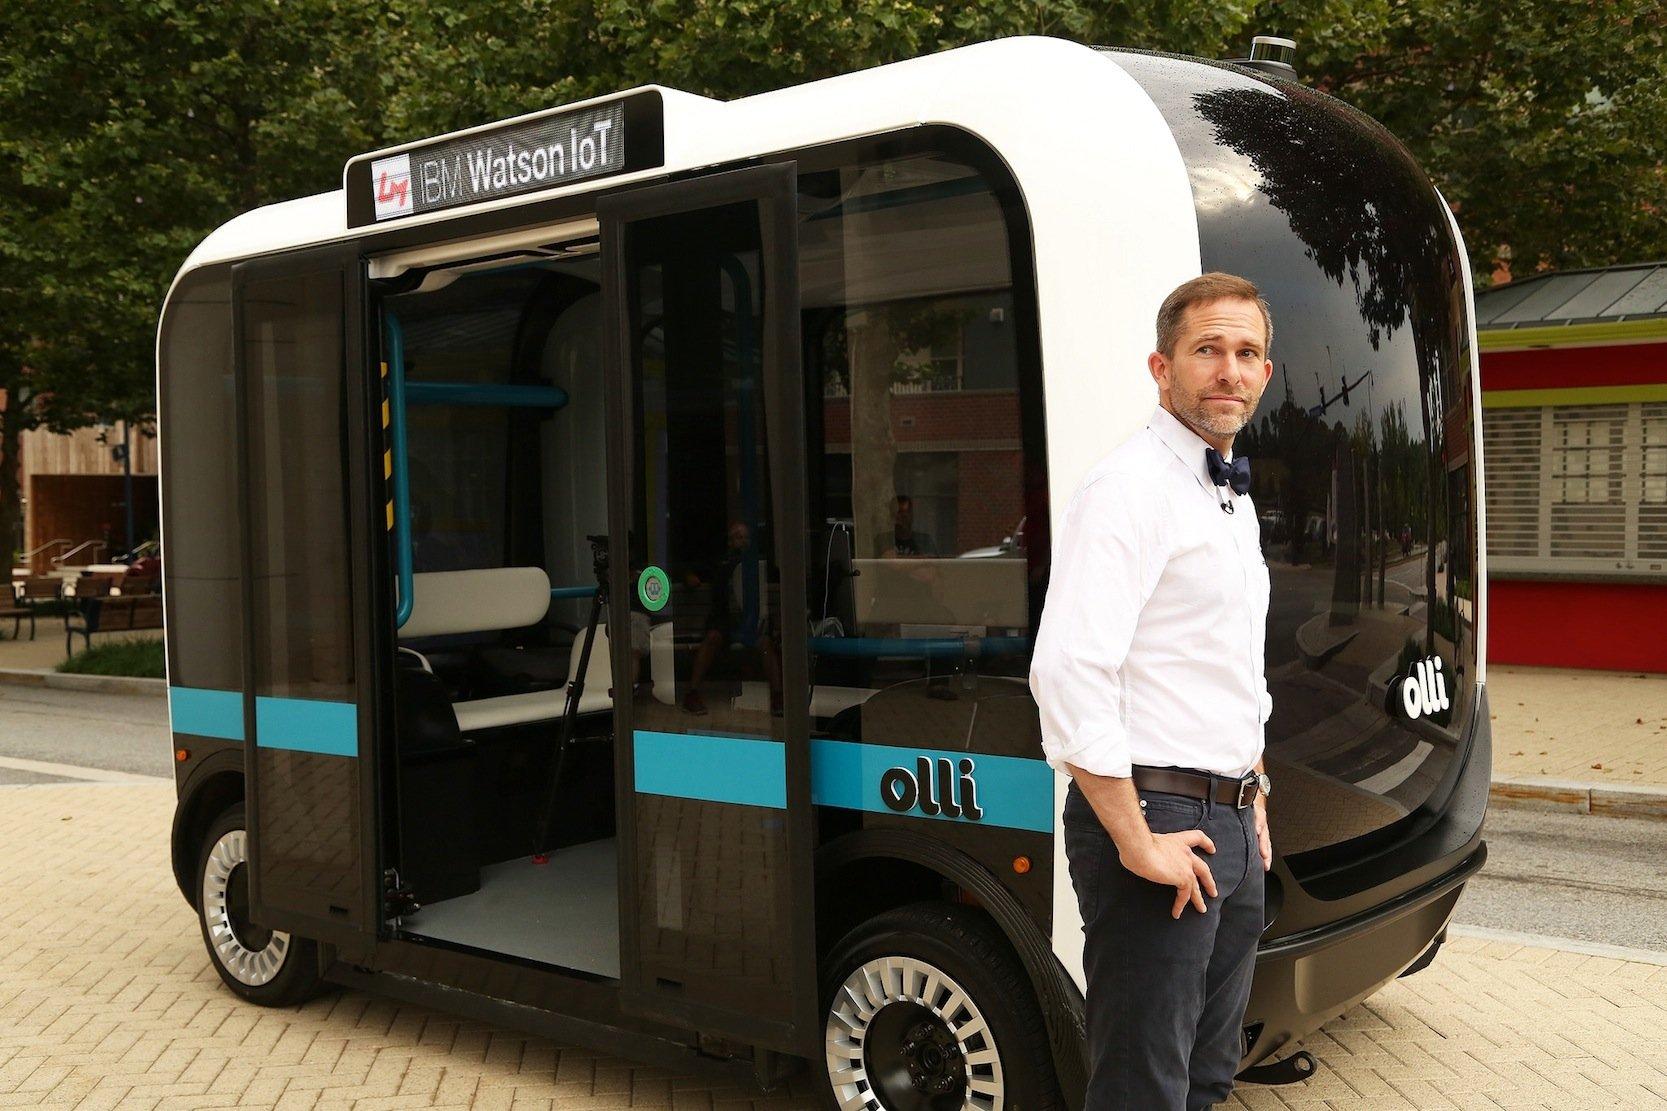 Local-Motors-ChefJay Rogers arbeitet mit IBM zusammen. Dank der Künstlichen Intelligenz des Super-Computers Watson kann der Kleinbus Olli auch Fragen und Wünsche der Fahrgäste verstehen.